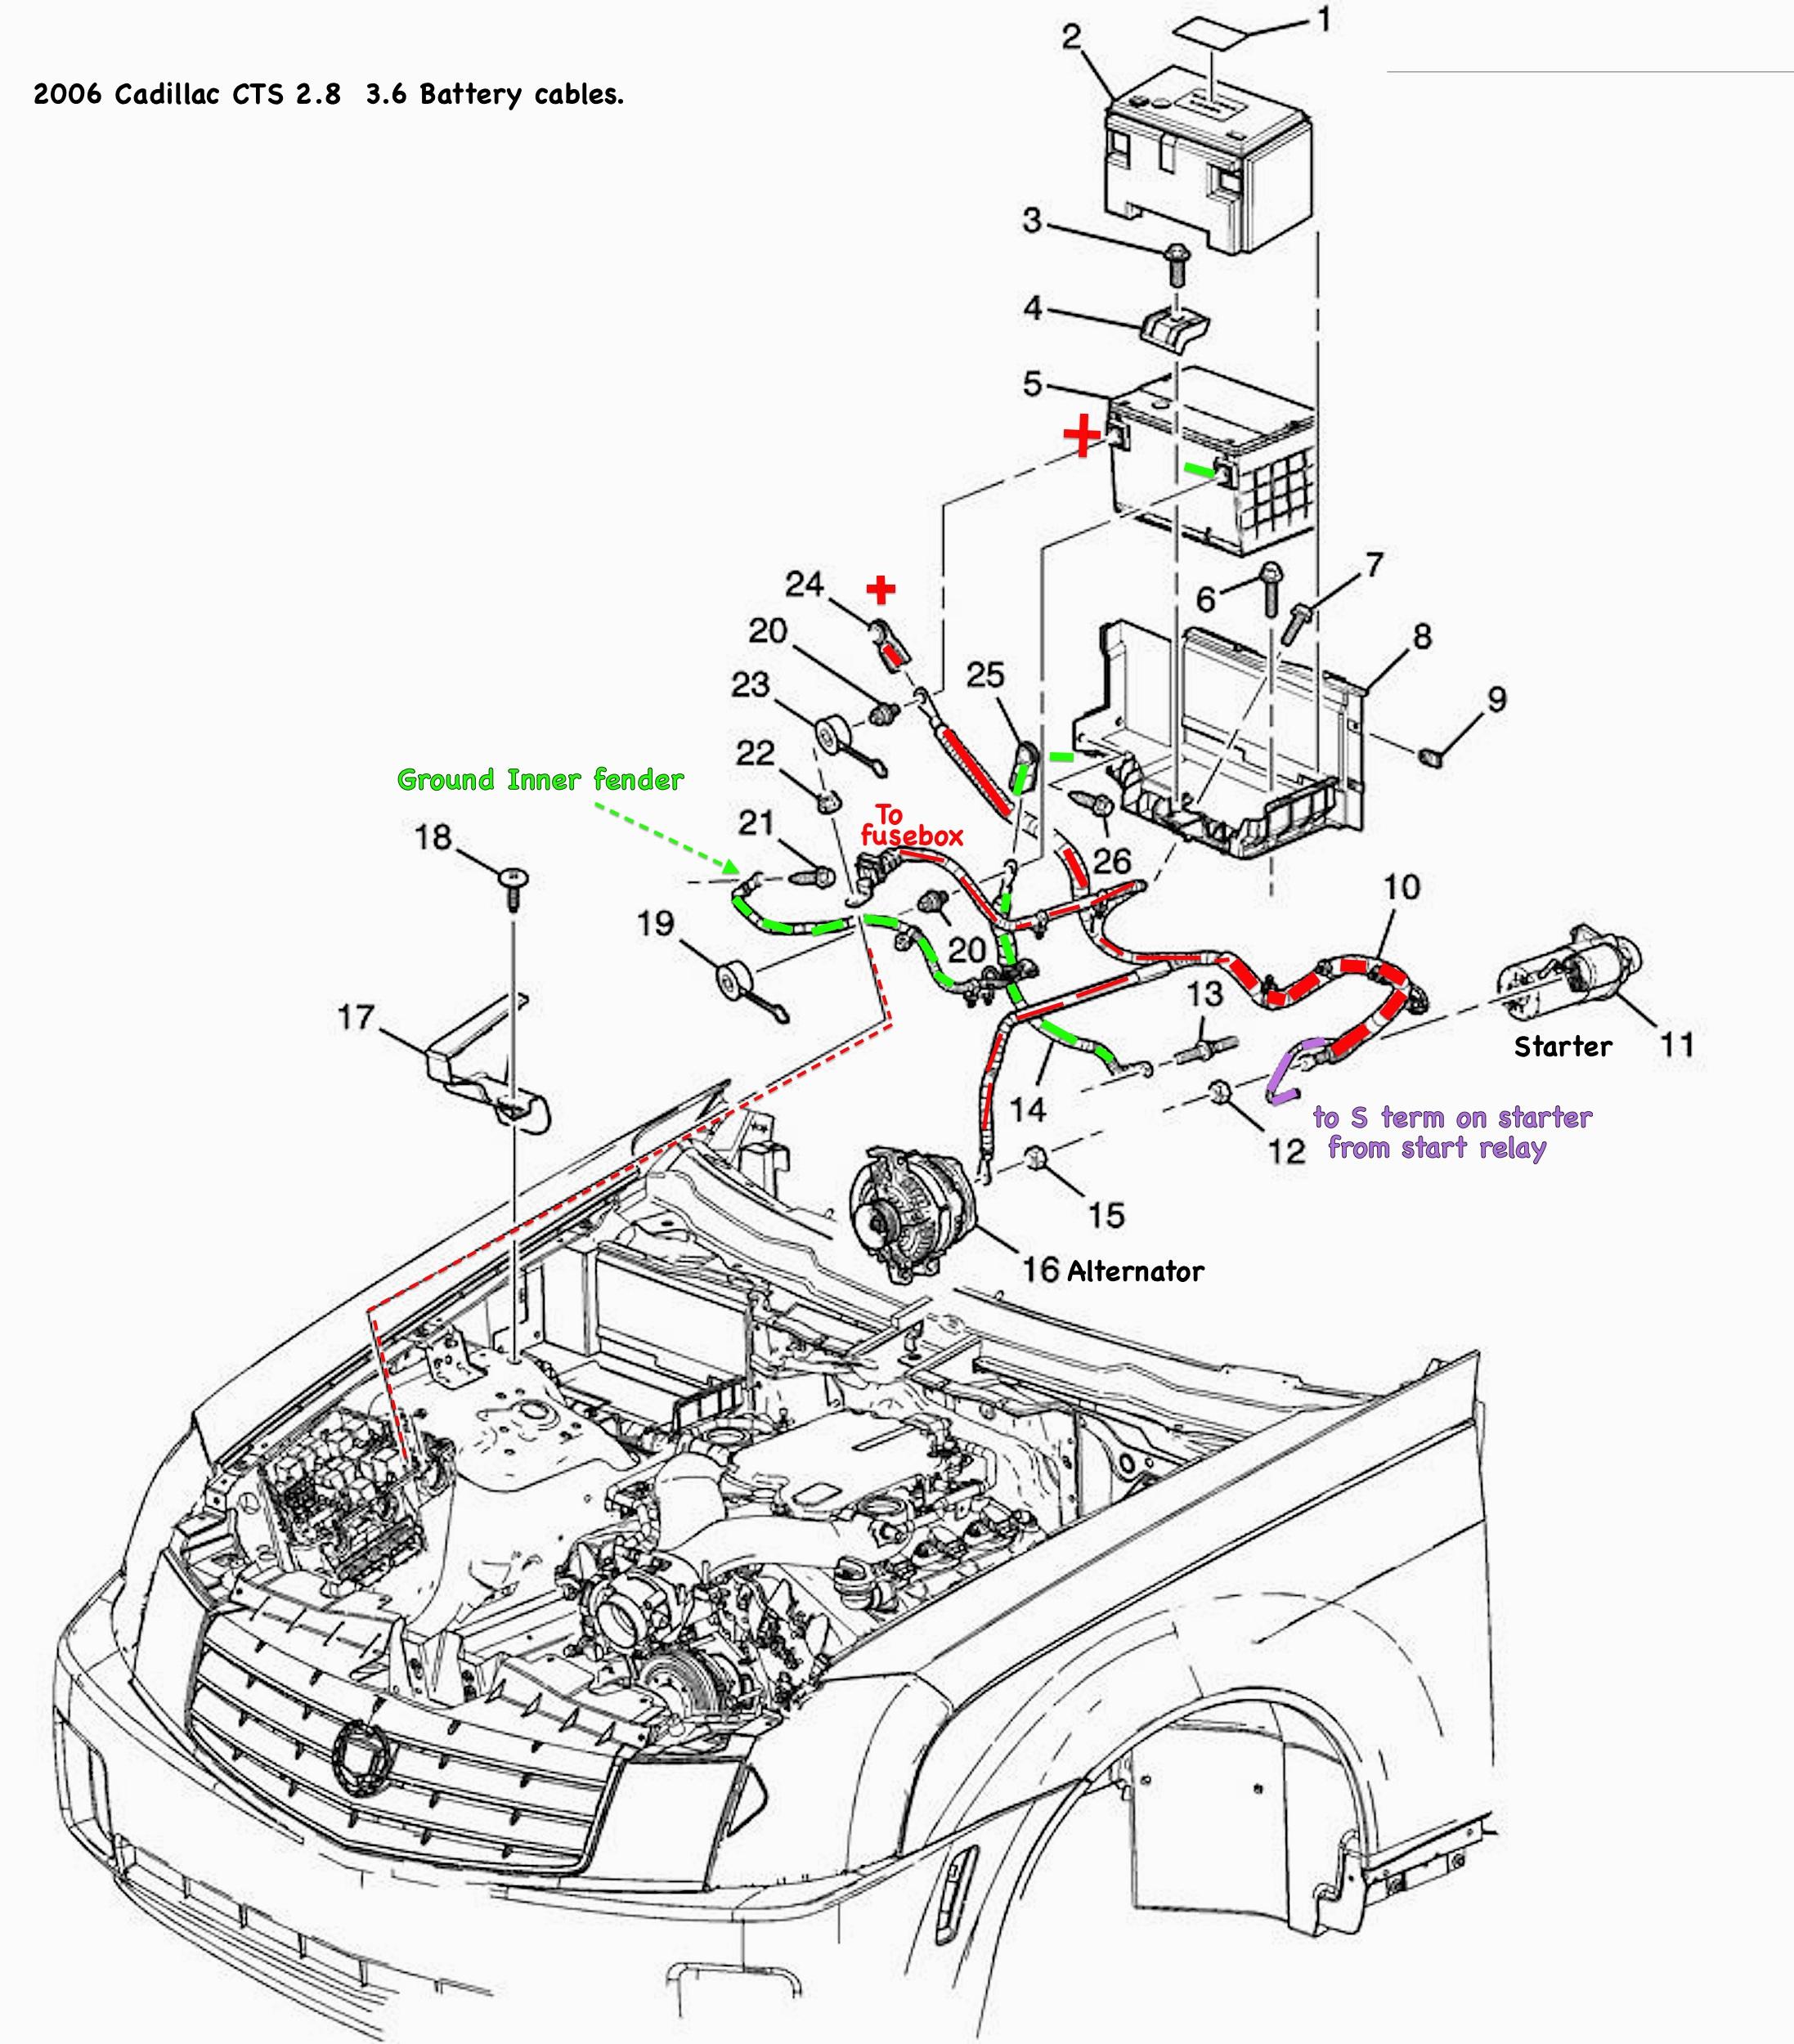 Cadillac Engine Diagrams Wiring Diagram Explained B Explained B Led Illumina It